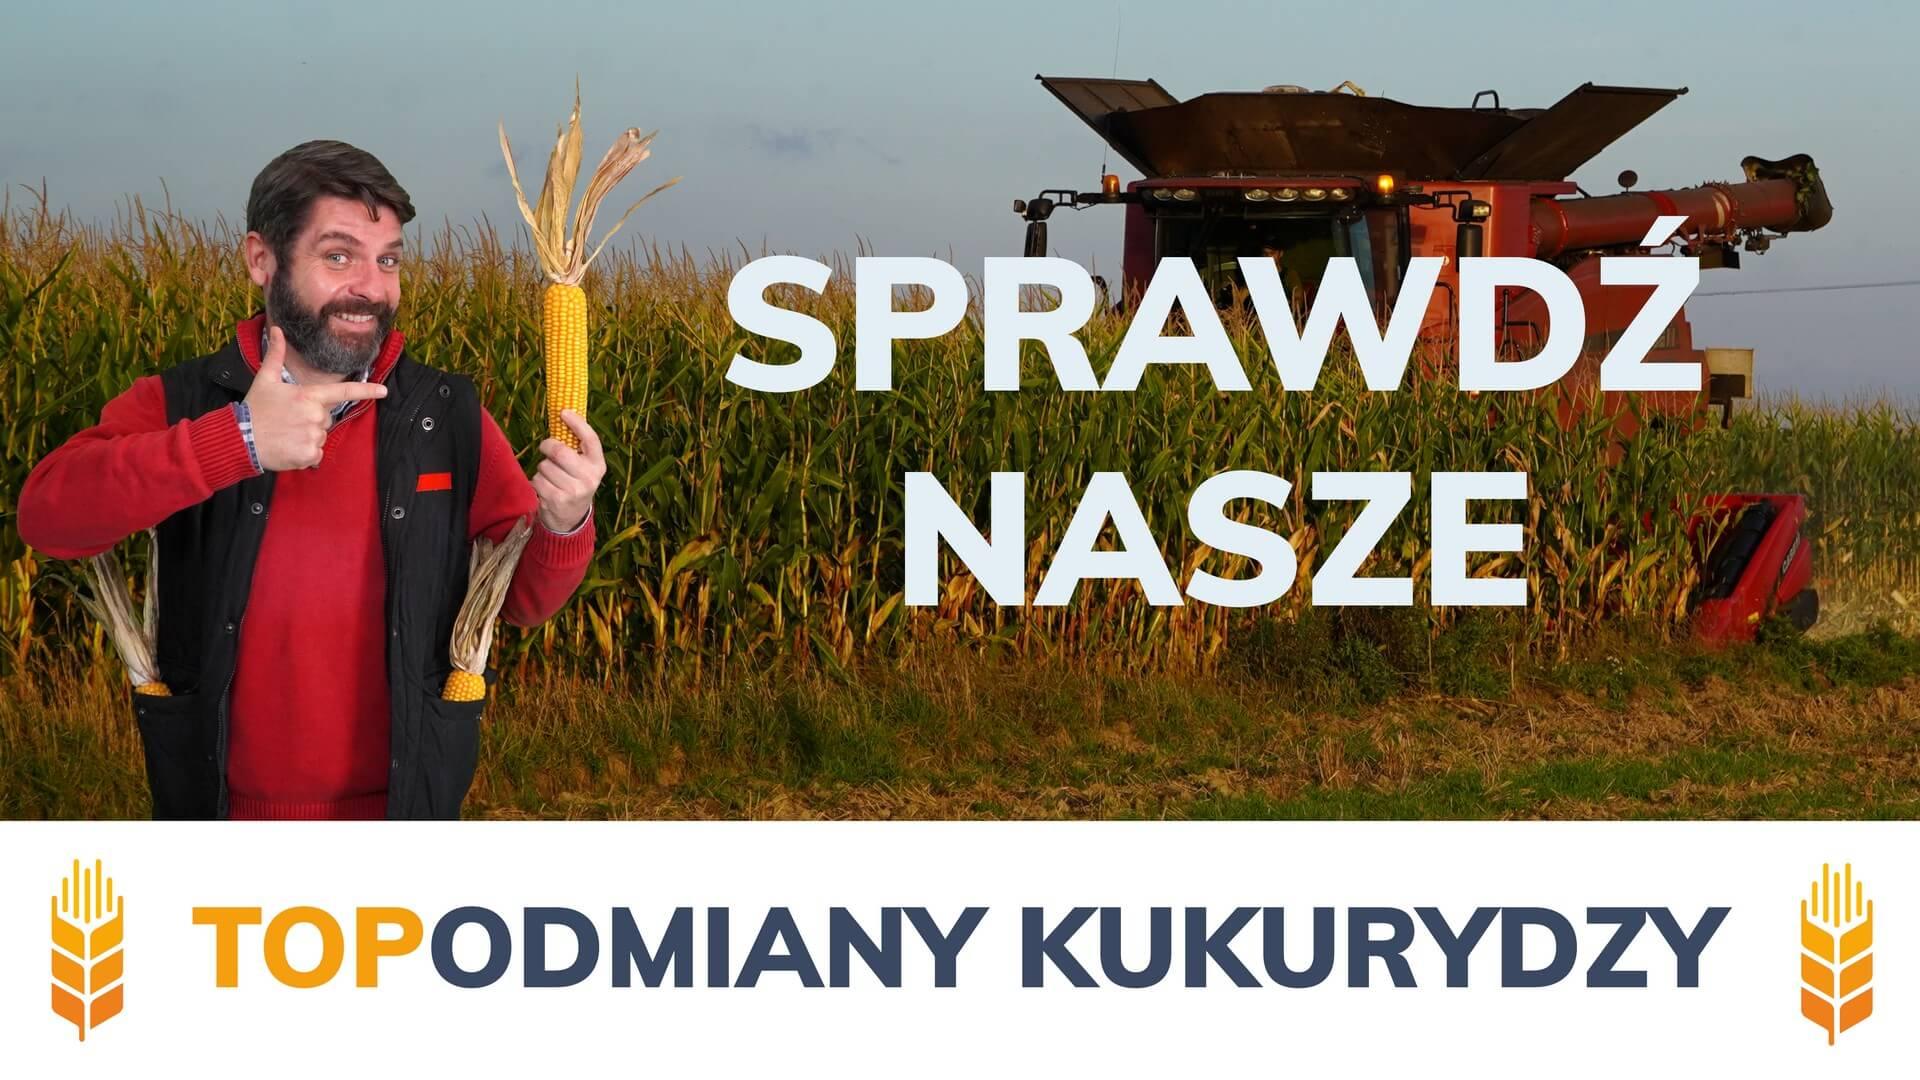 Kukurydza - sprwadź nasze top odmiany